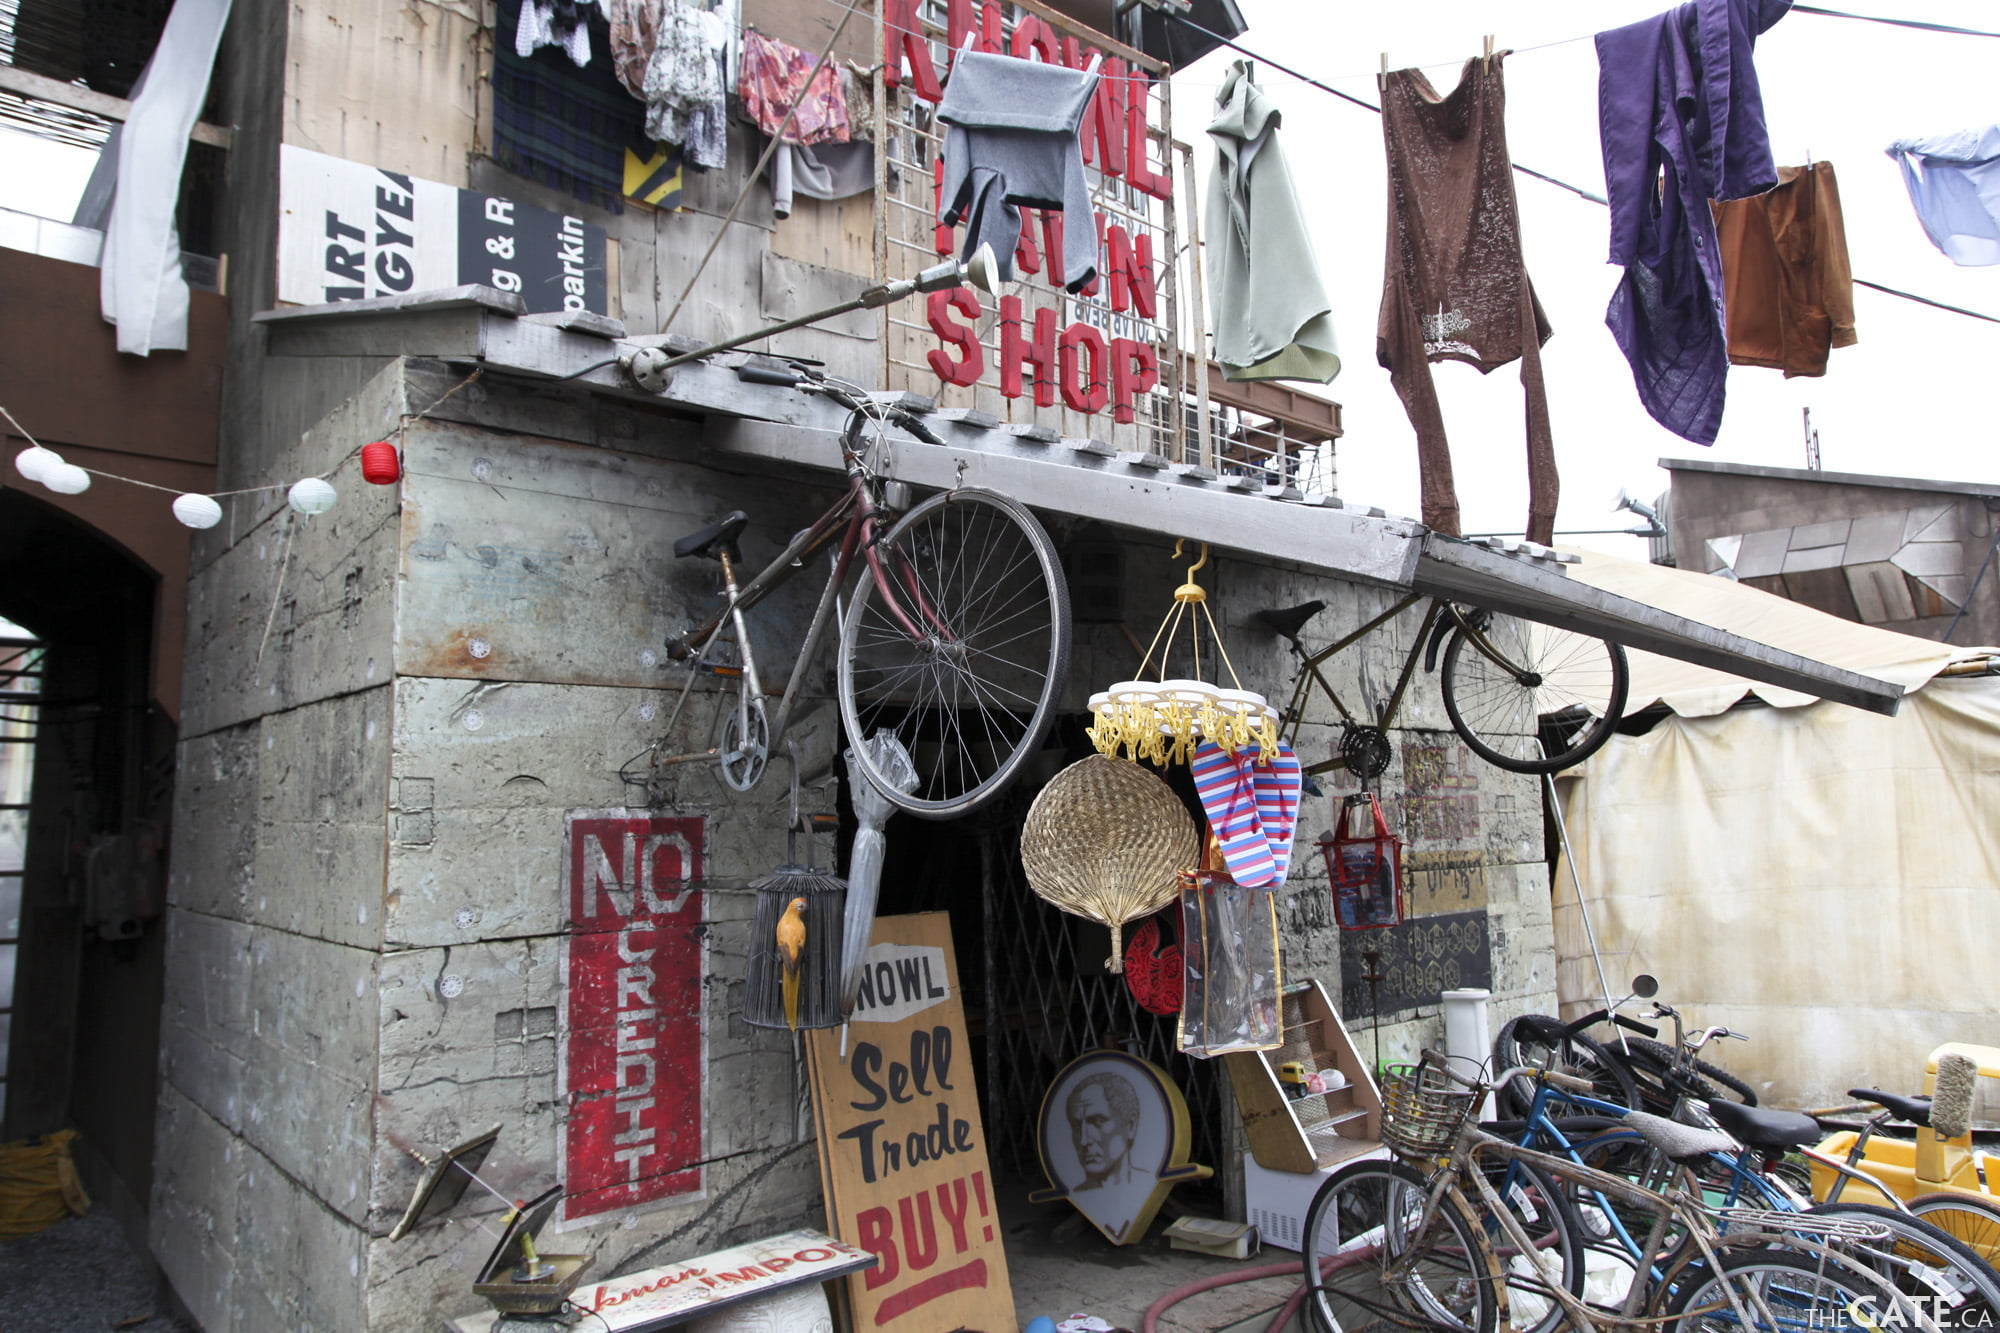 Defiance junk shop